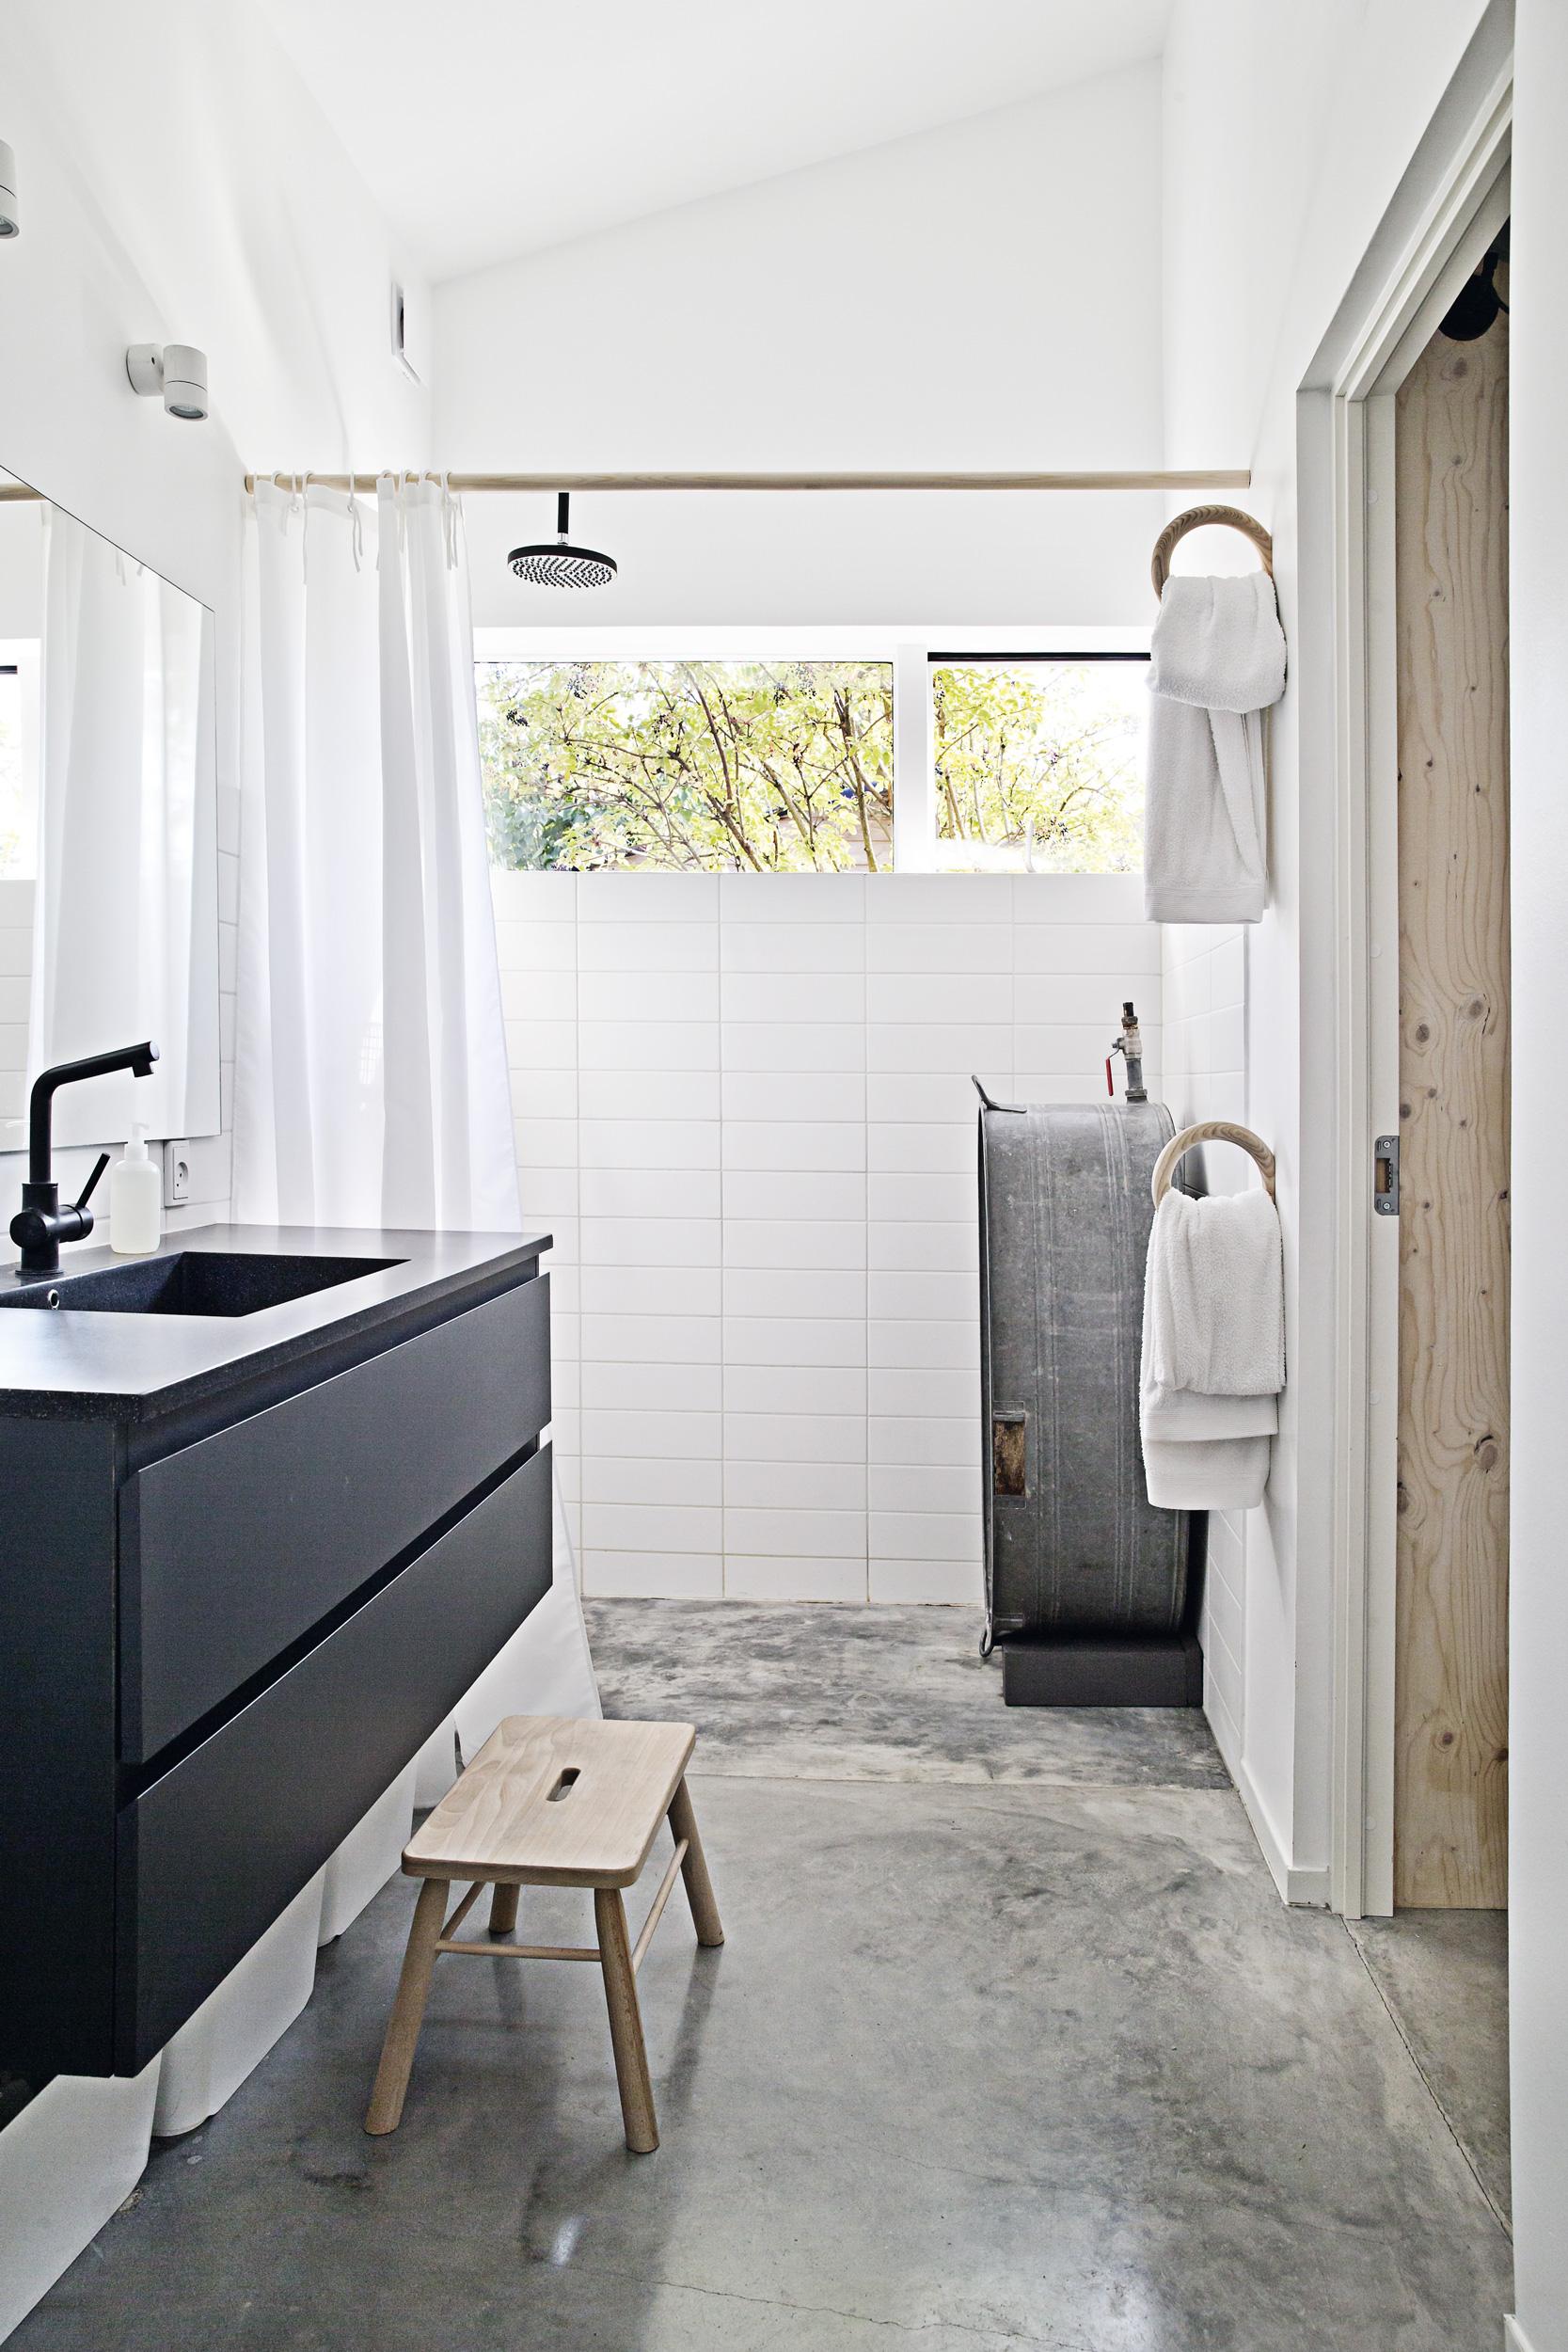 20170327 020516 slaapkamer als badkamer - Salontafel naar de slaapkamer ...